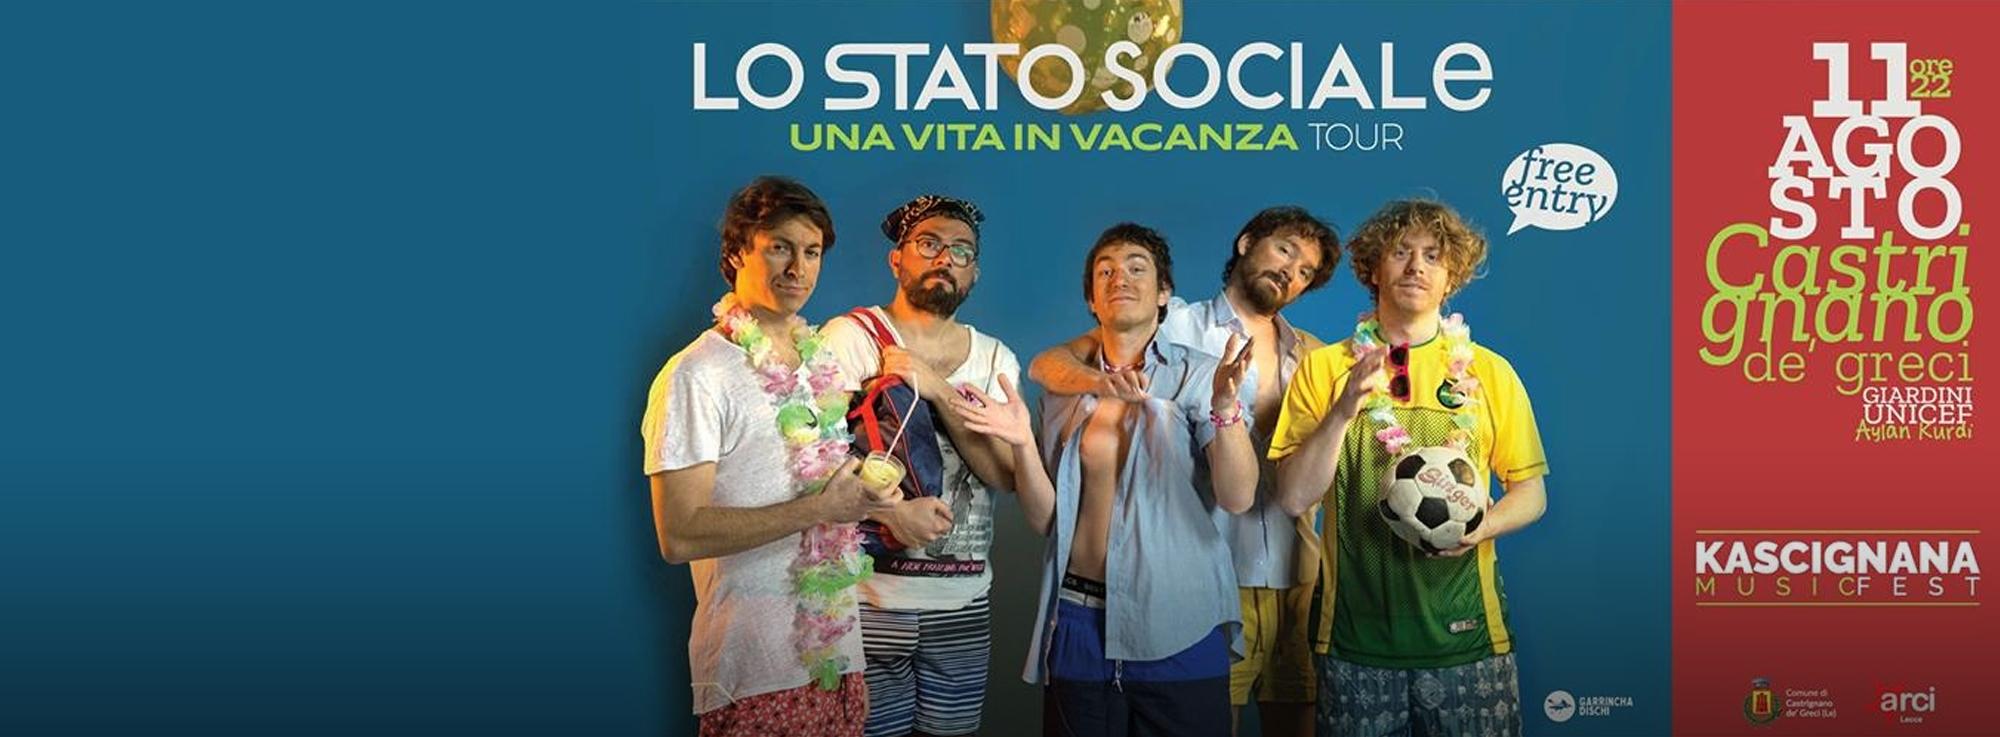 Castrignano de' Greci: Lo Stato Sociale in concerto